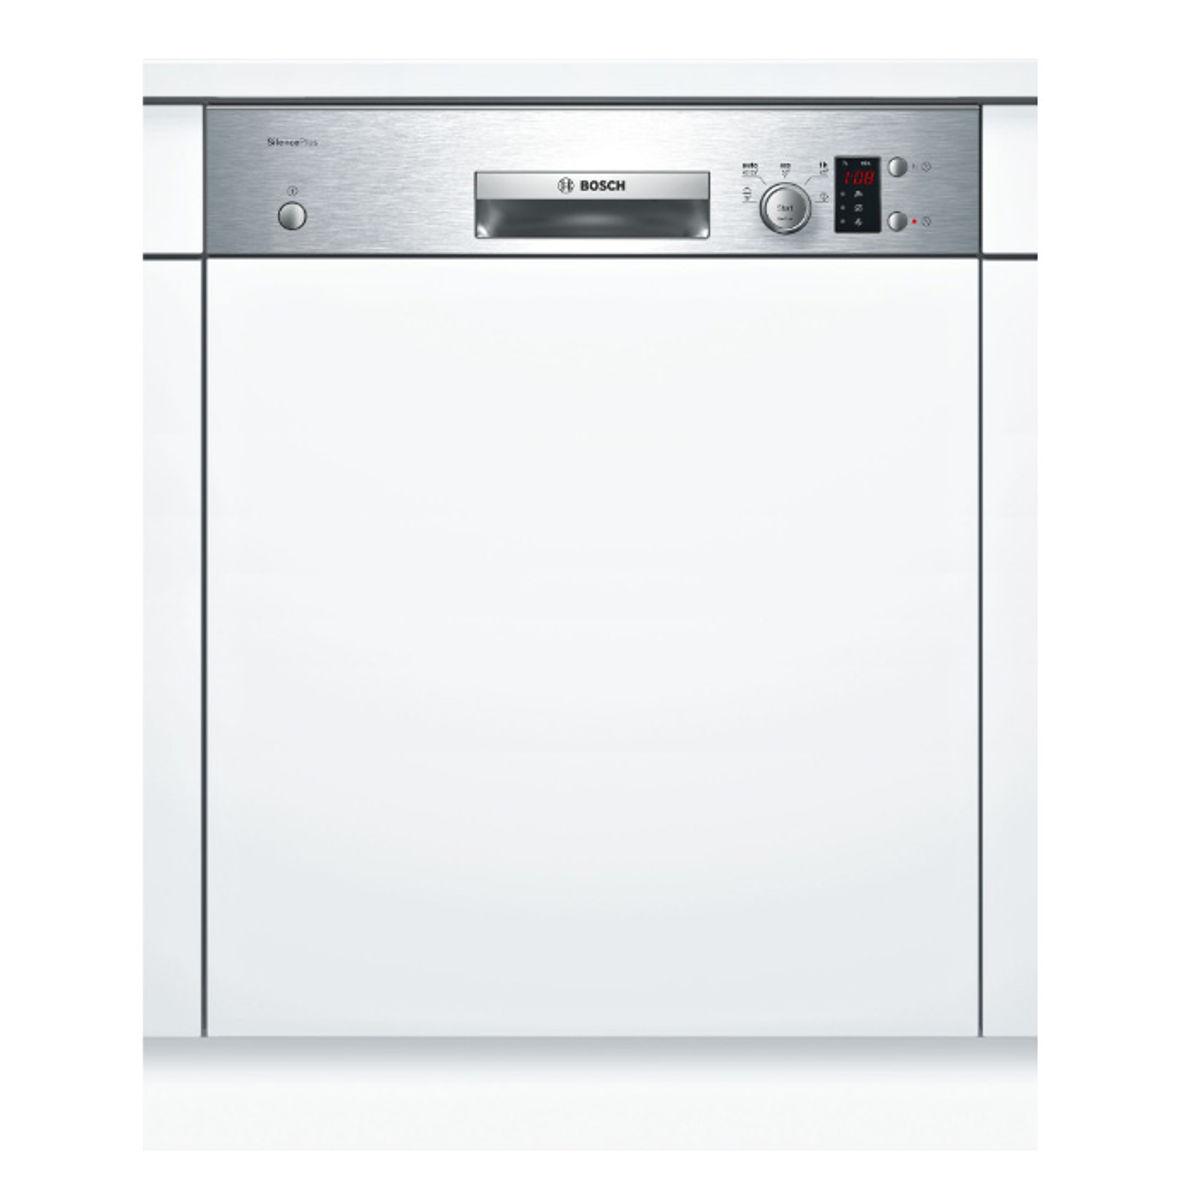 बोस्च SMI25AS00I Dishwasher